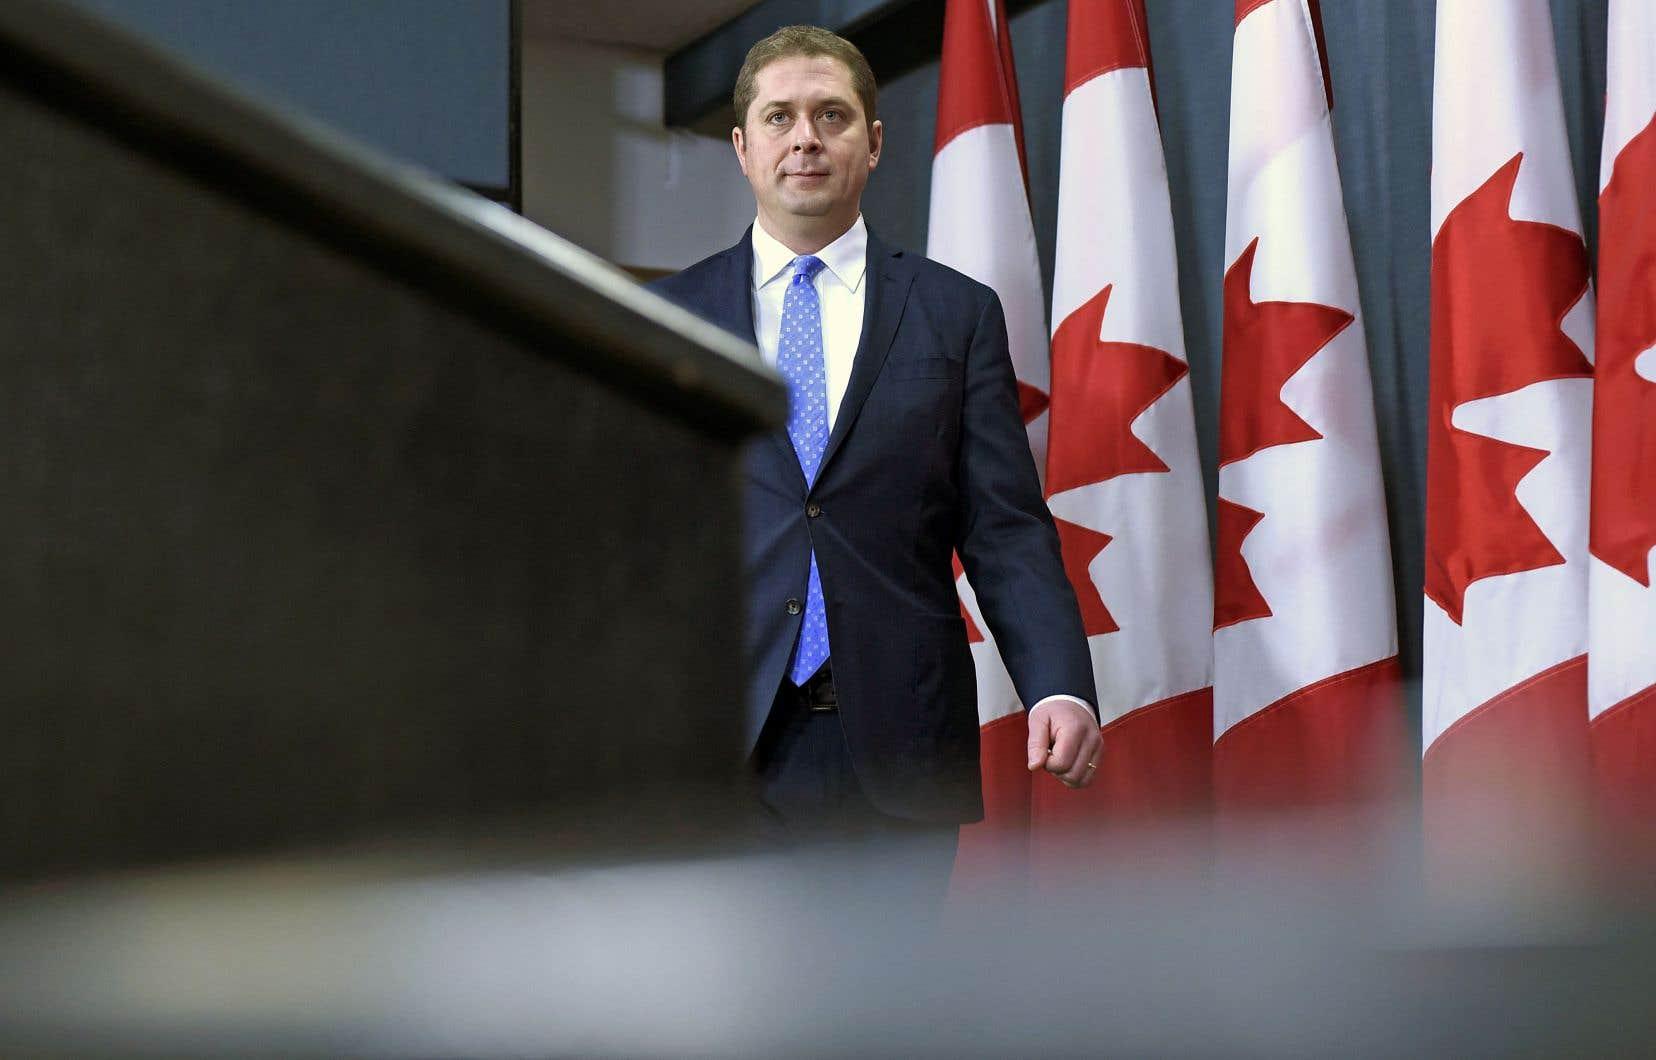 Les conservateurs d'Andrew Scheer promettent maintenant d'éliminer le déficit budgétaire en cinqans s'ils sont élus en octobre.